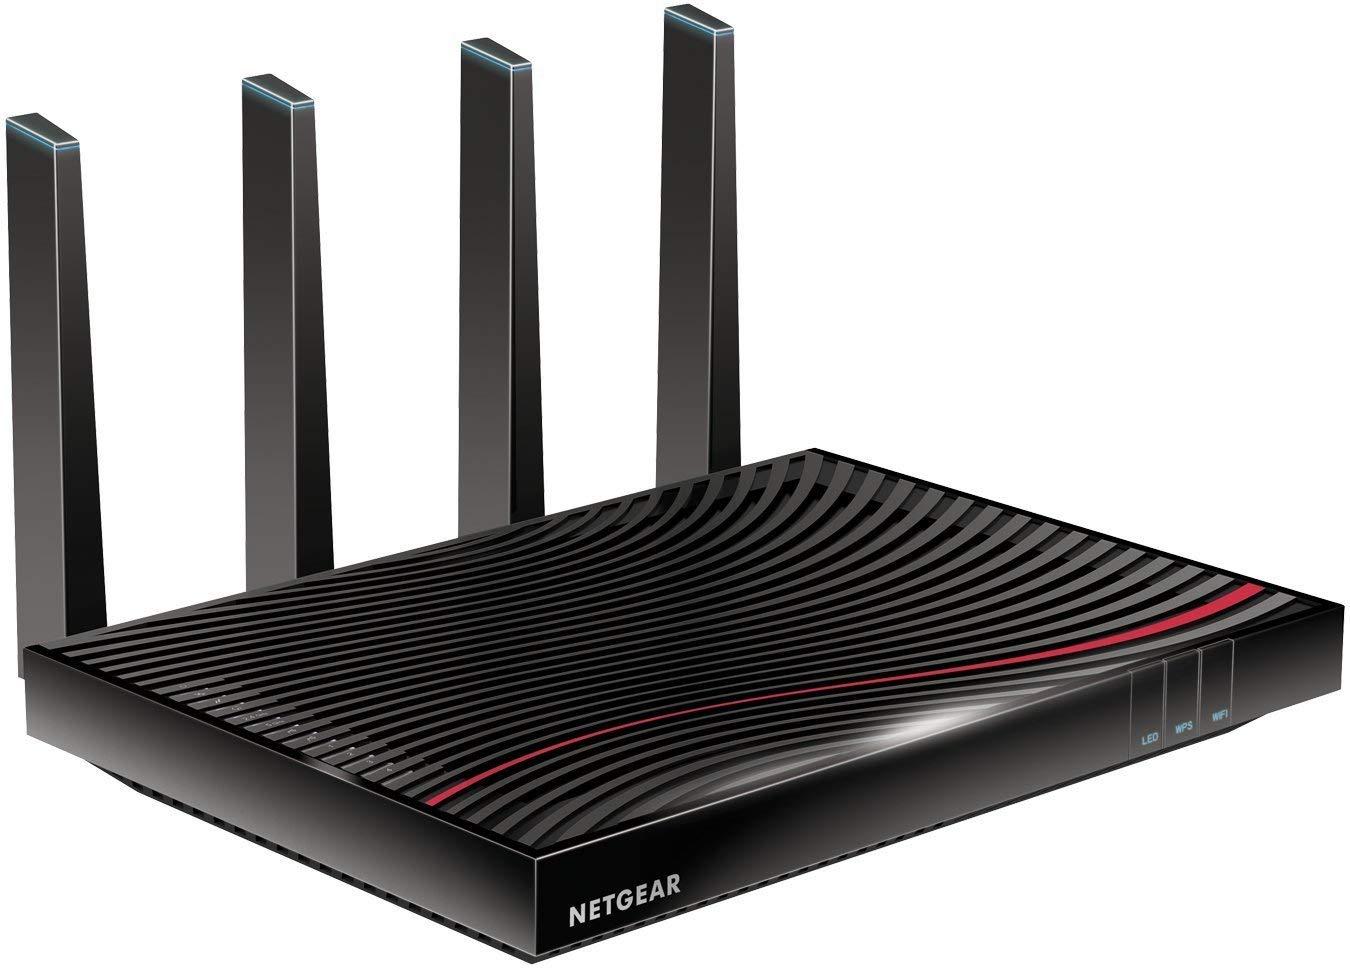 NETGEAR Nighthawk Cable Modem WiFi Router Combo - (C7800) (Renewed) by NETGEAR